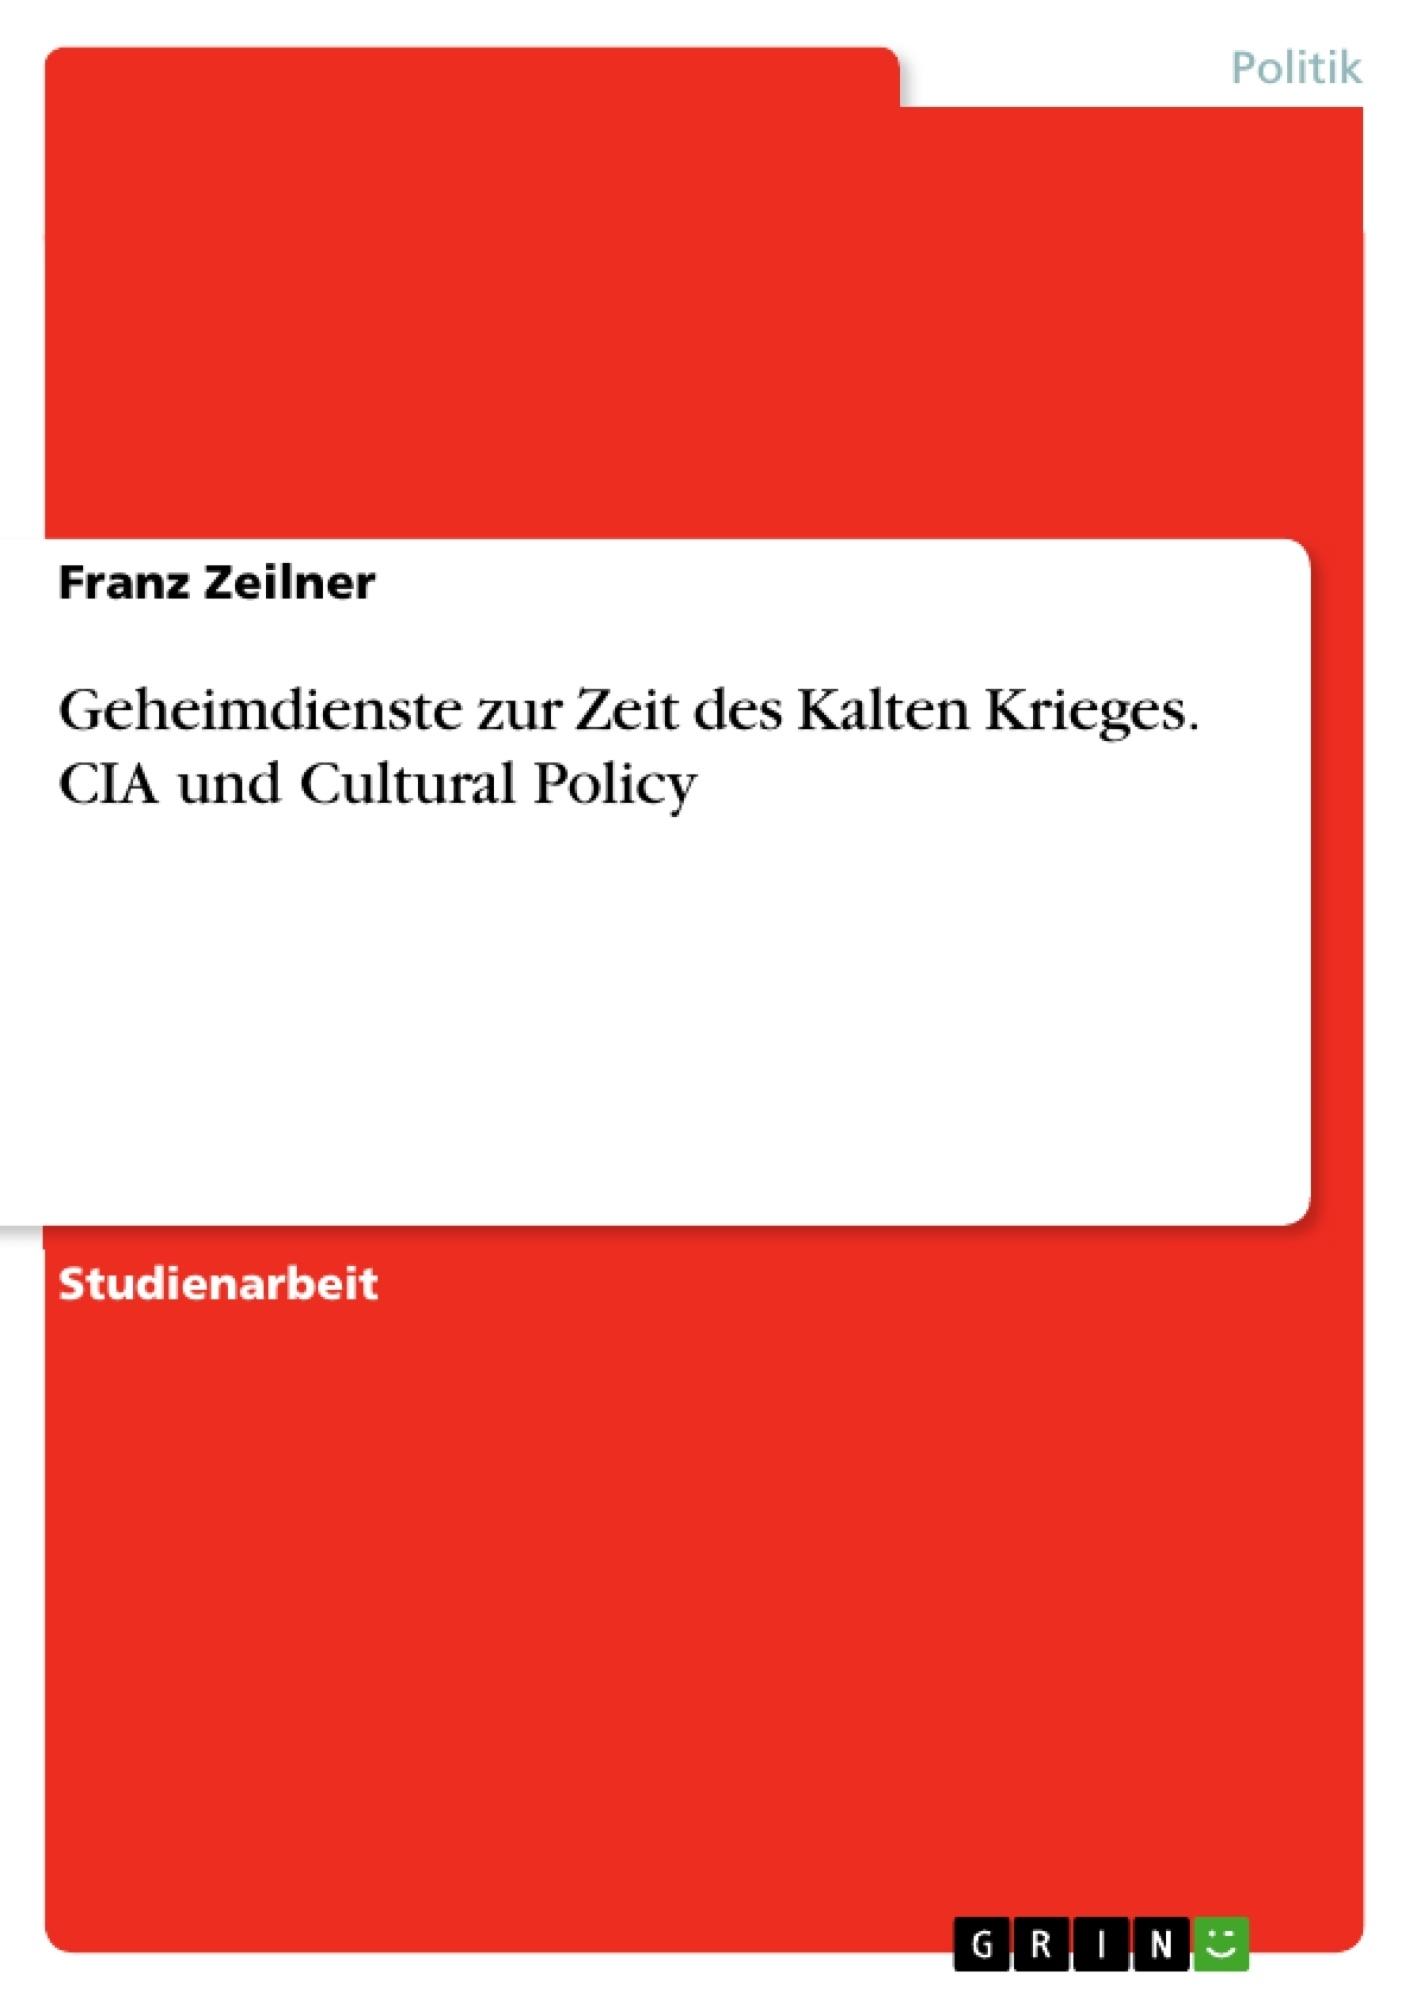 Titel: Geheimdienste zur Zeit des Kalten Krieges. CIA und Cultural Policy